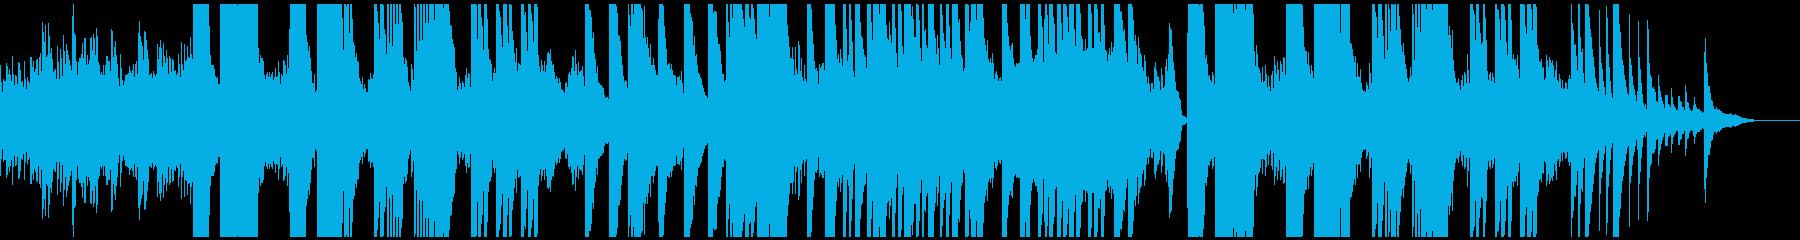 ピアノとストリングスの壮大な癒し系の再生済みの波形